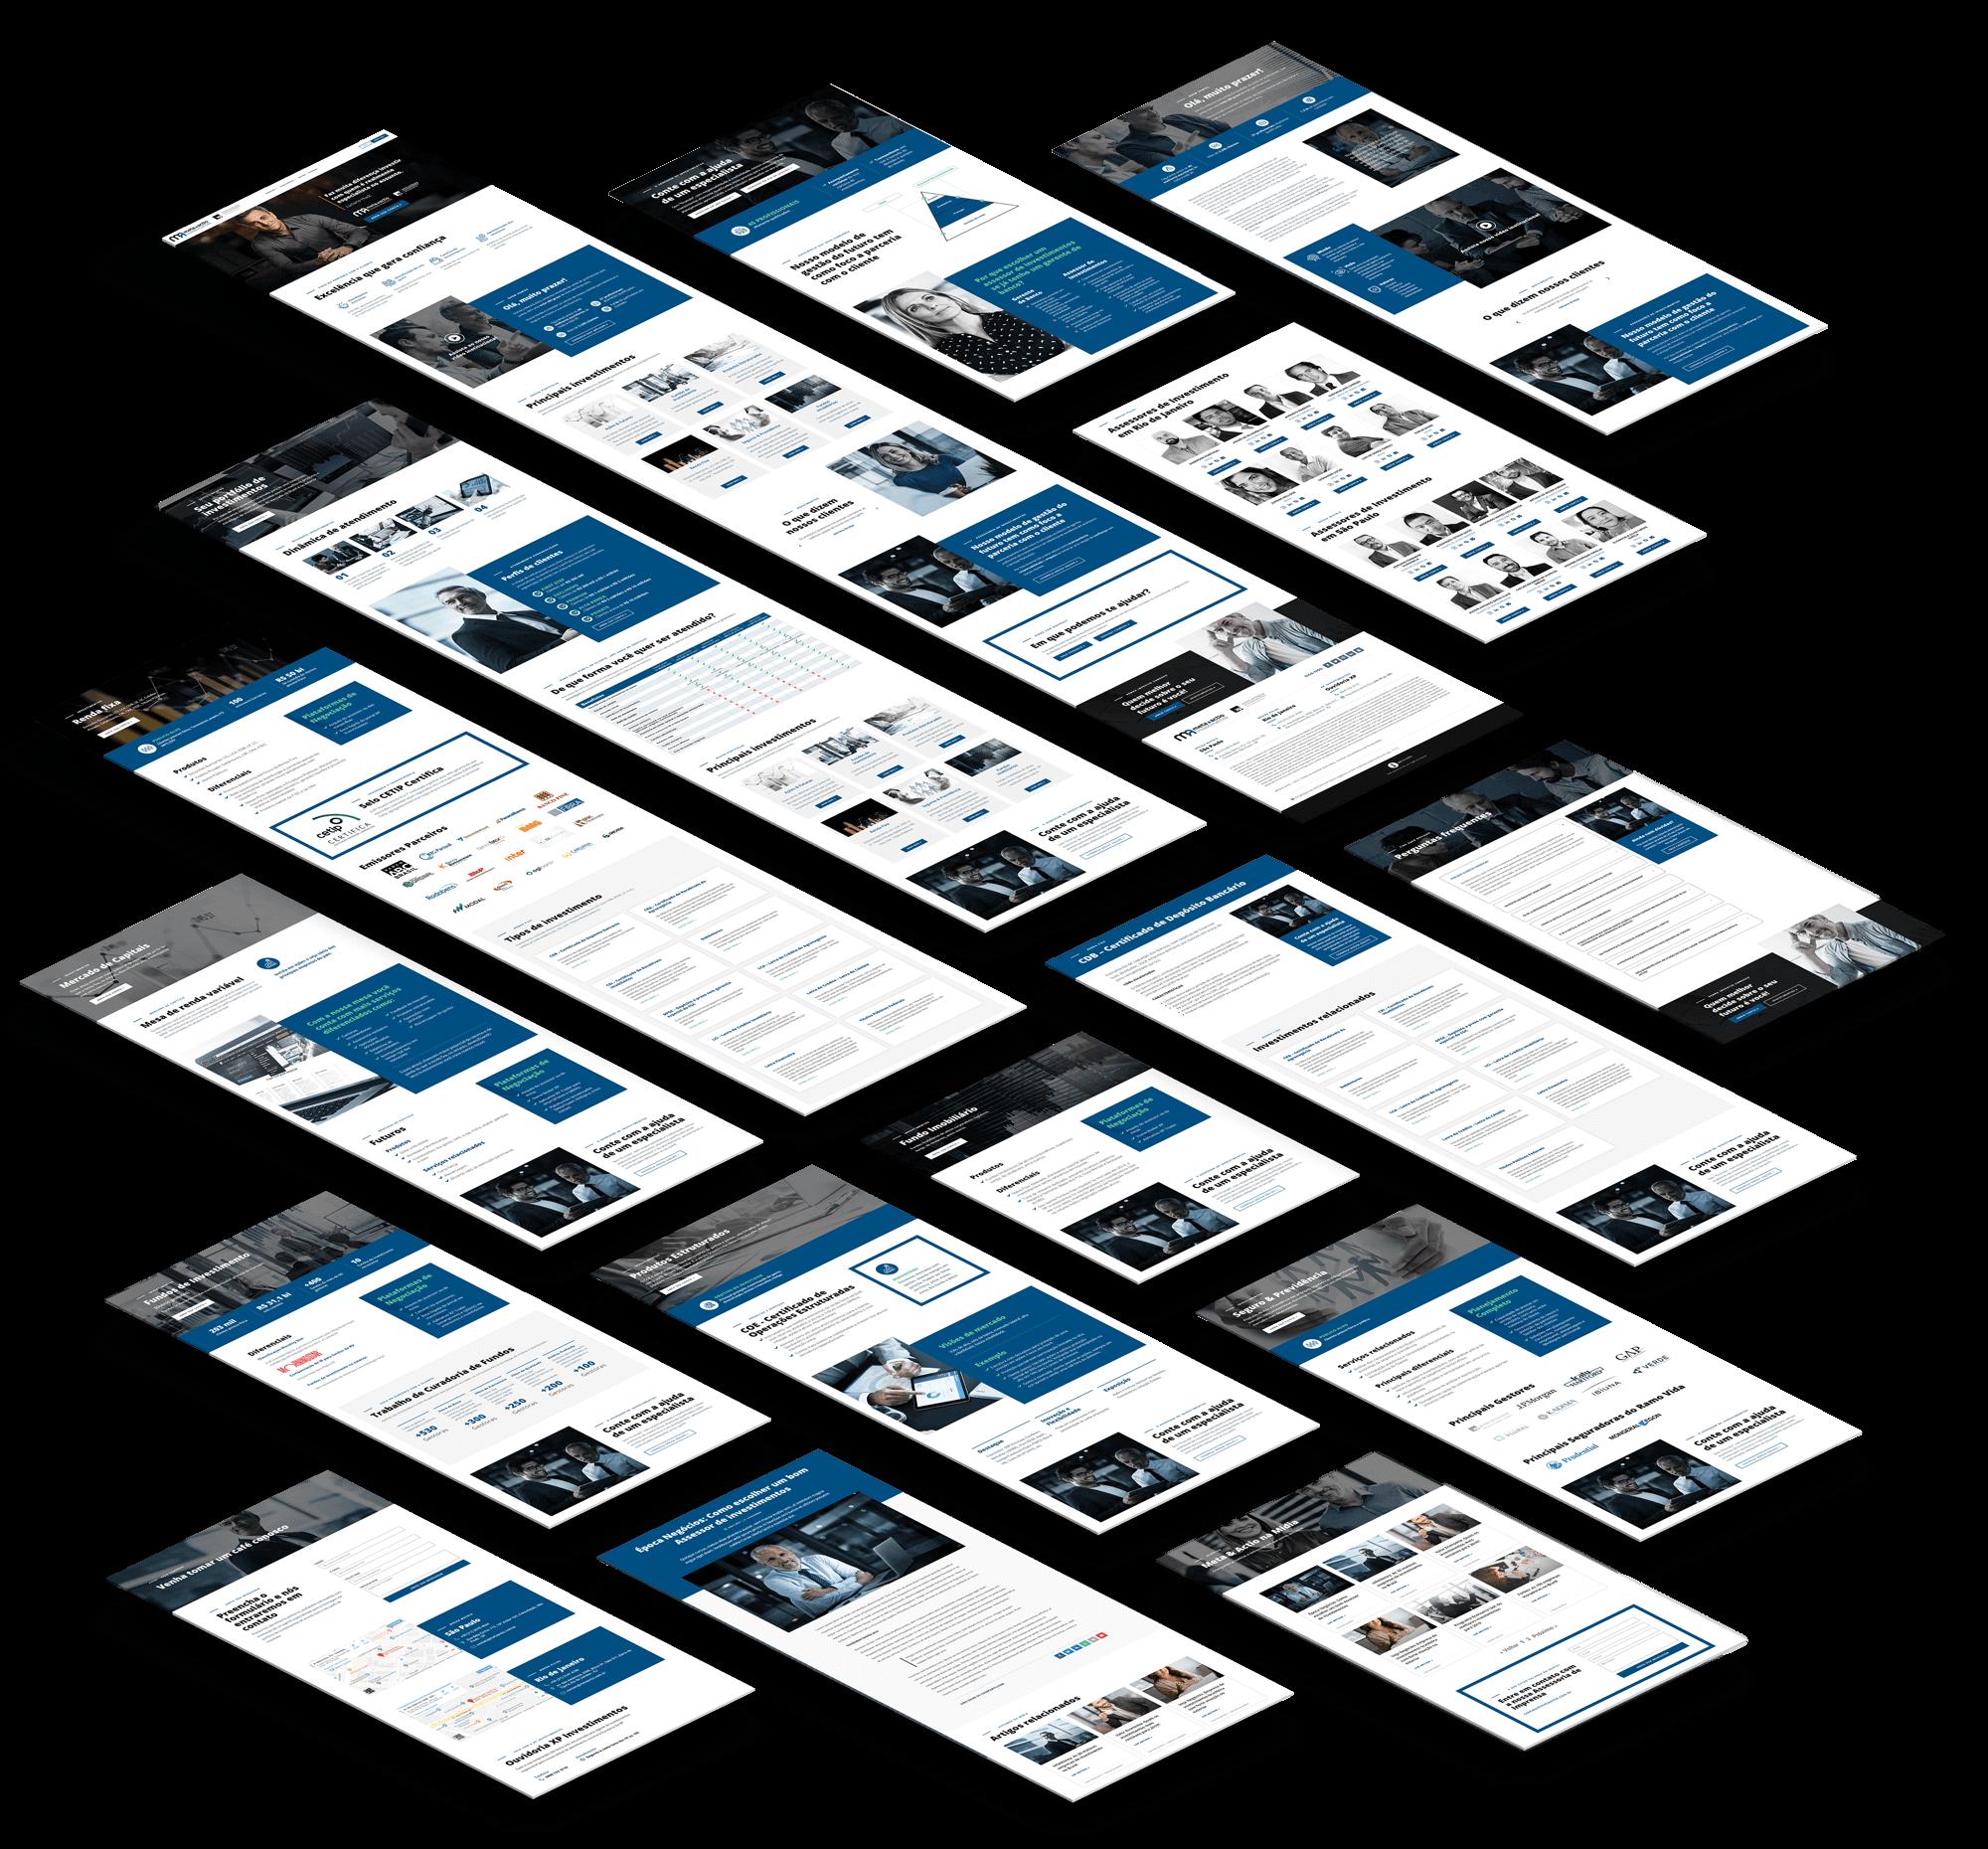 Criação de site responsivo para Meta & Actio Investimentos